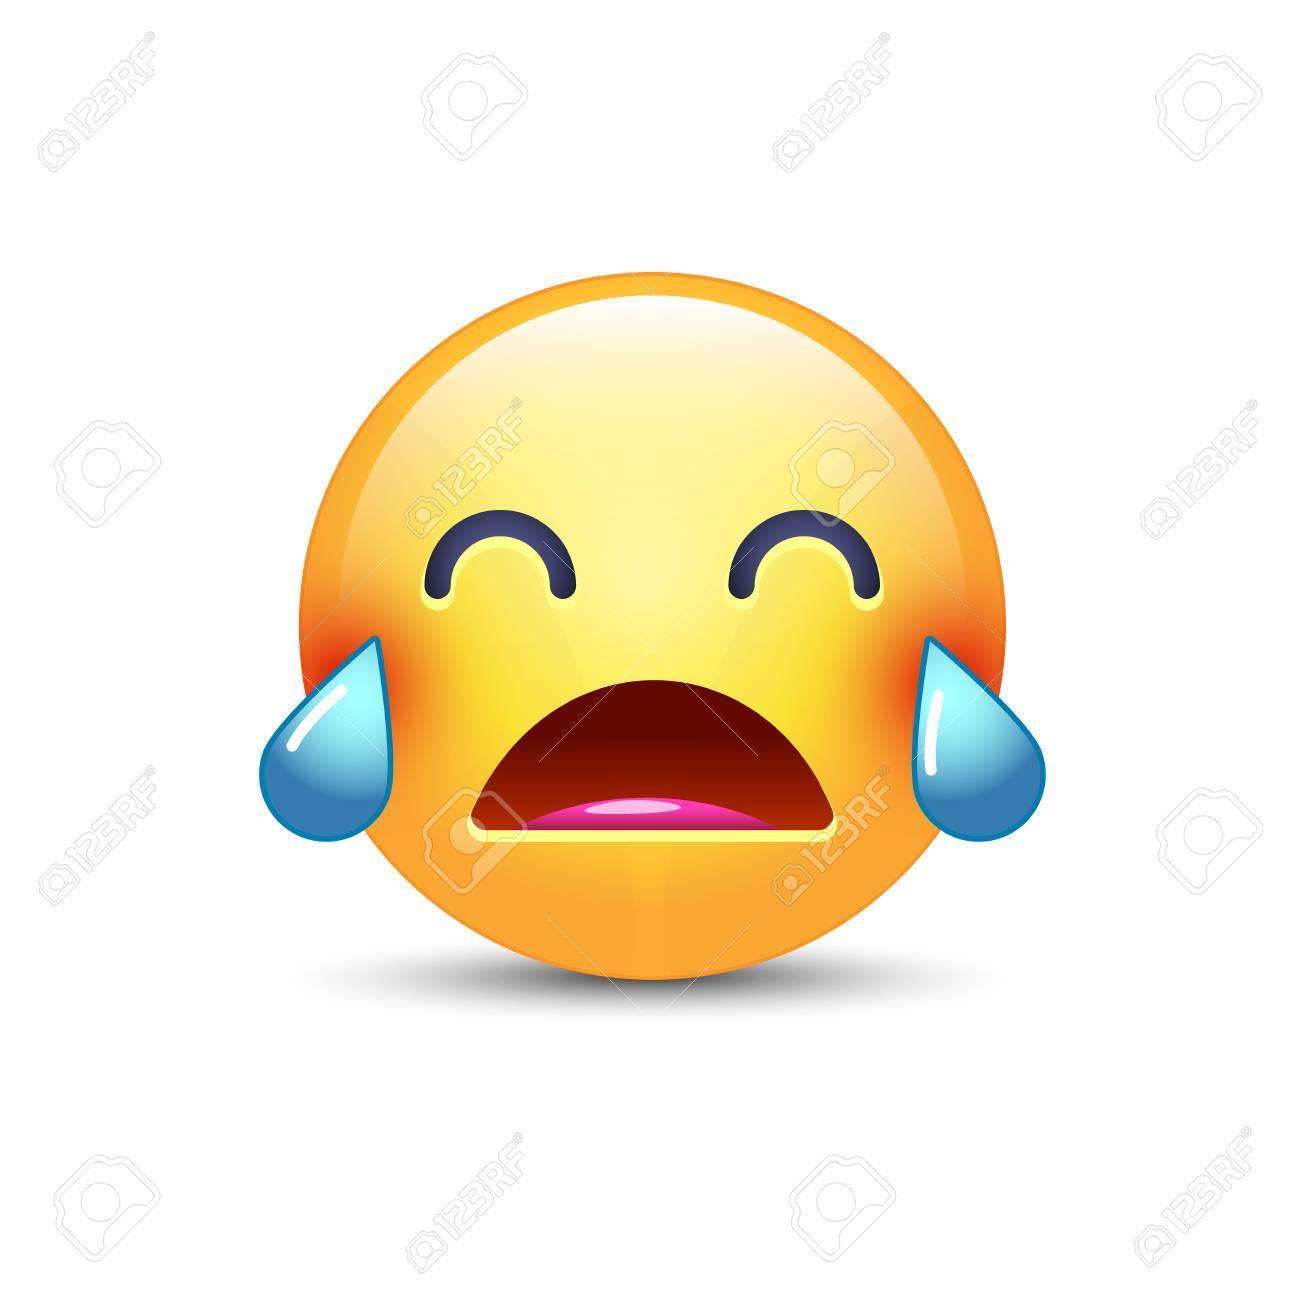 Emoji Qui Pleure Fort Smiley Avec Les Yeux Fermes Et Avec Des Larmes Pleure Emoticone Triste Pour L Application Et Le Chat Clip Art Libres De Droits Vecteurs Et Illustration Image 87214341